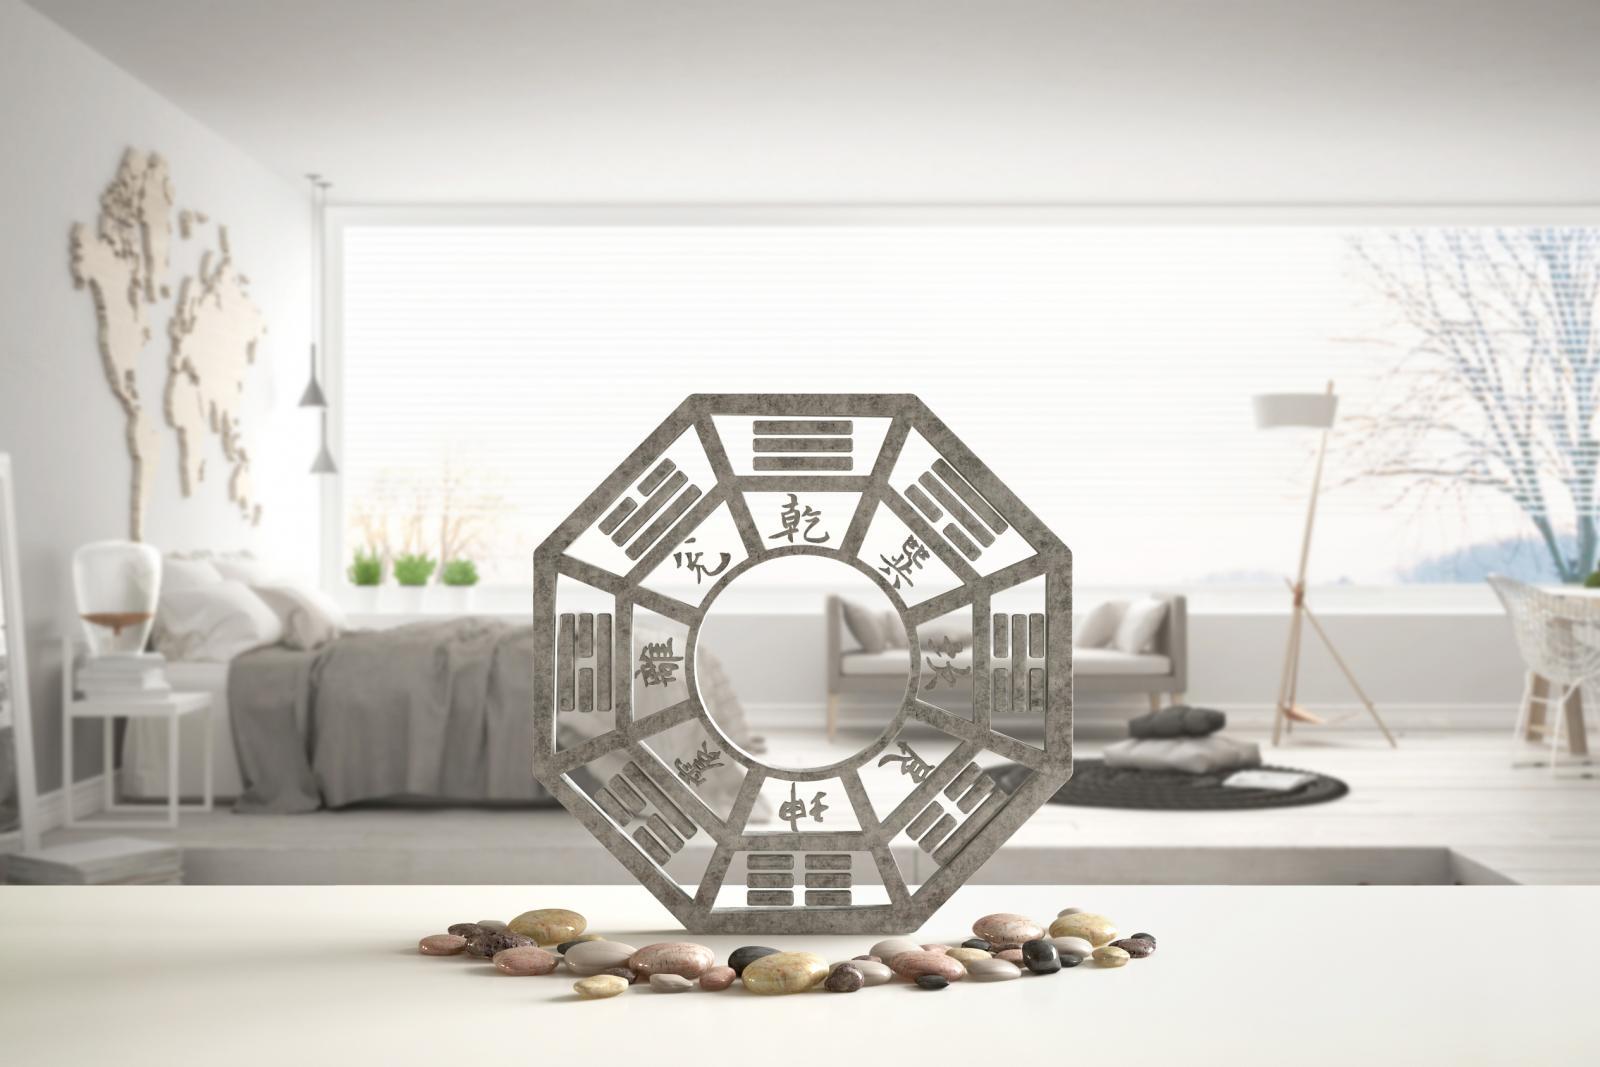 zen concept interior design, feng shui